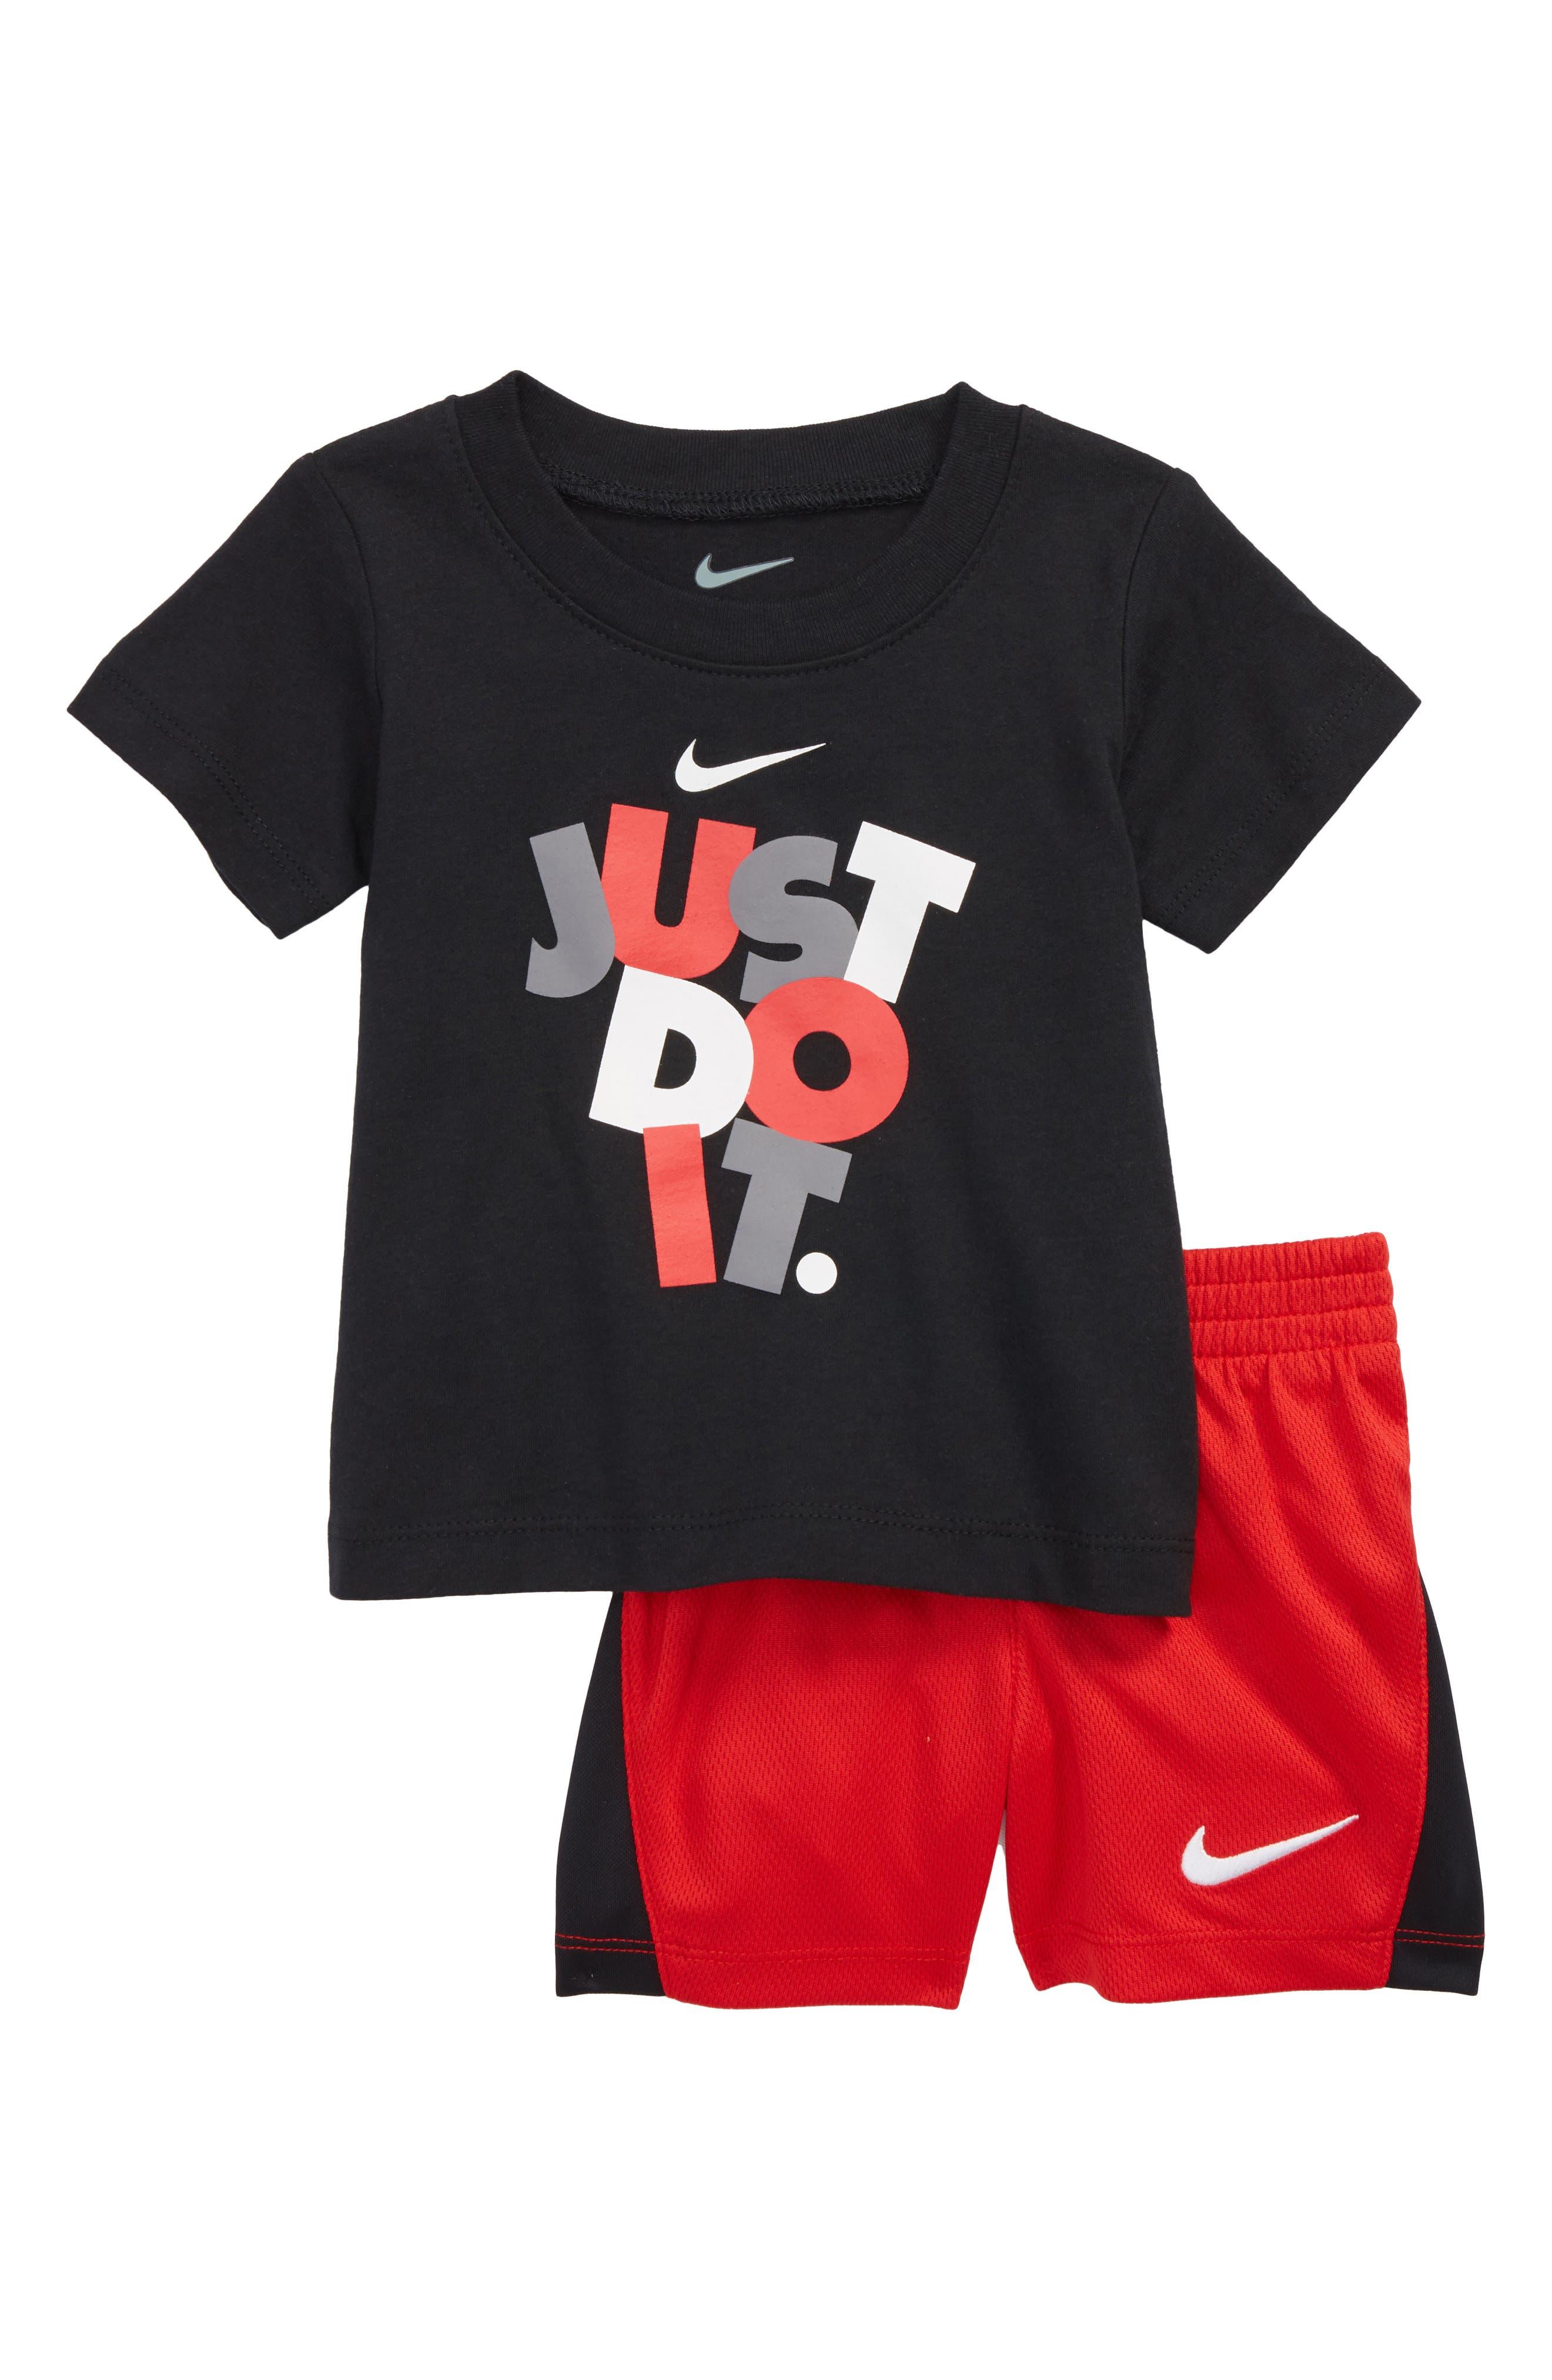 Just Do It T-Shirt & Mesh Shorts Set,                             Main thumbnail 1, color,                             Black